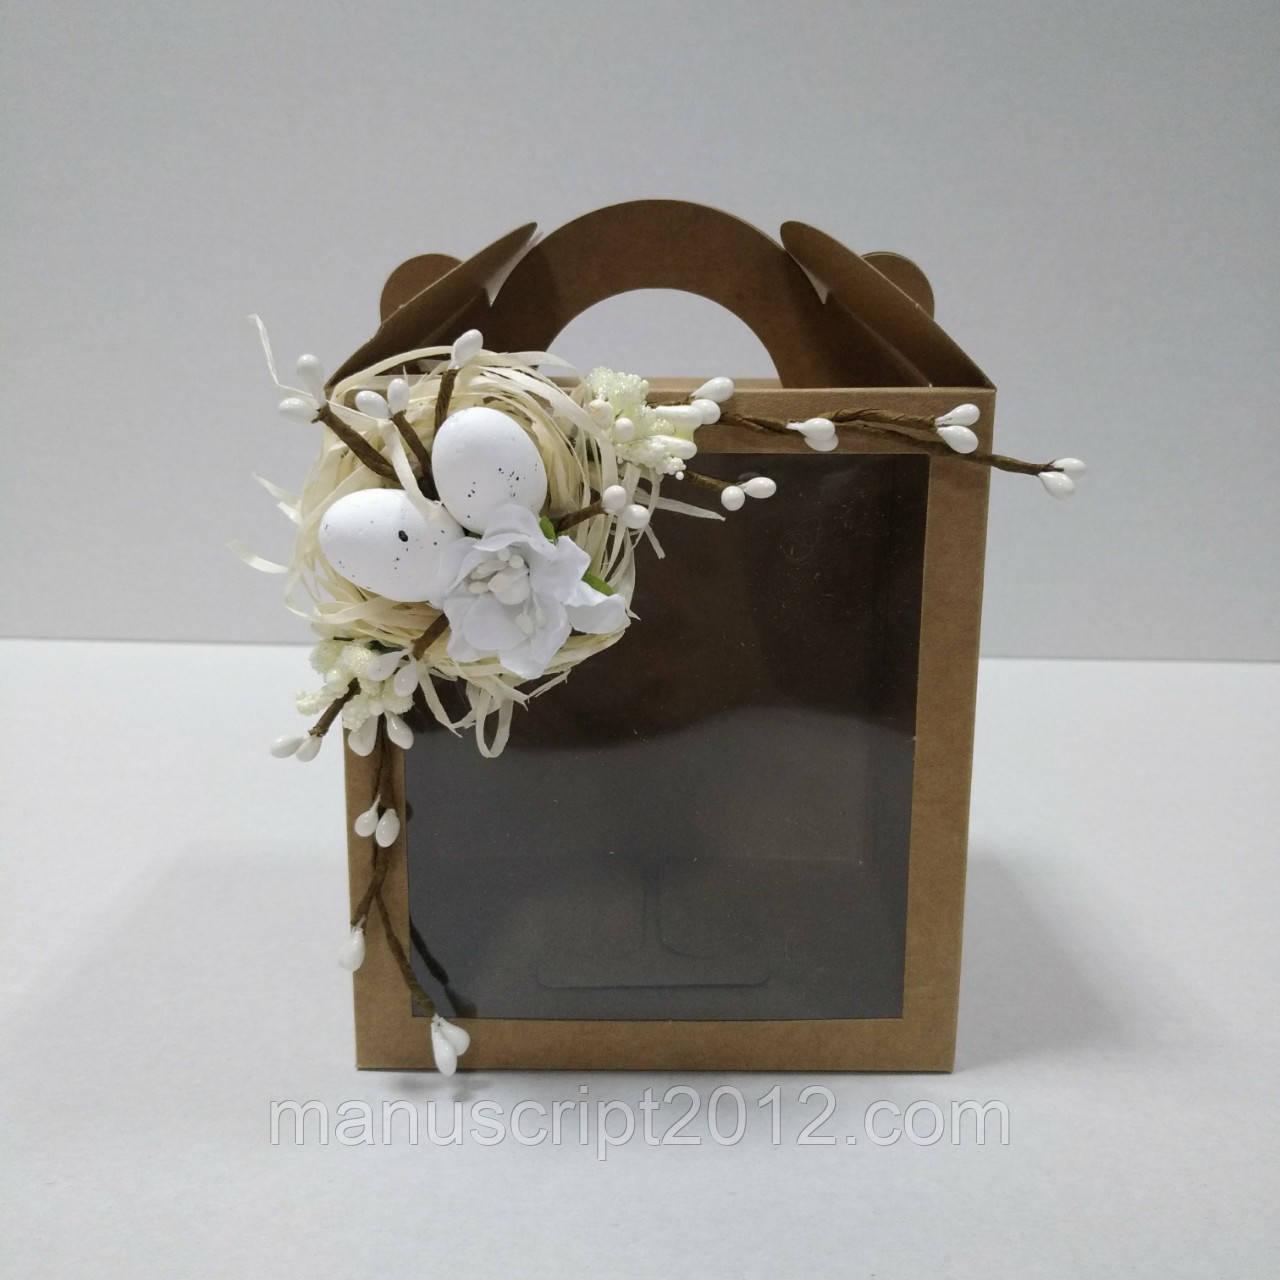 Коробка для кулича, подарков и пряничных домов с декором (115*120*140 мм)